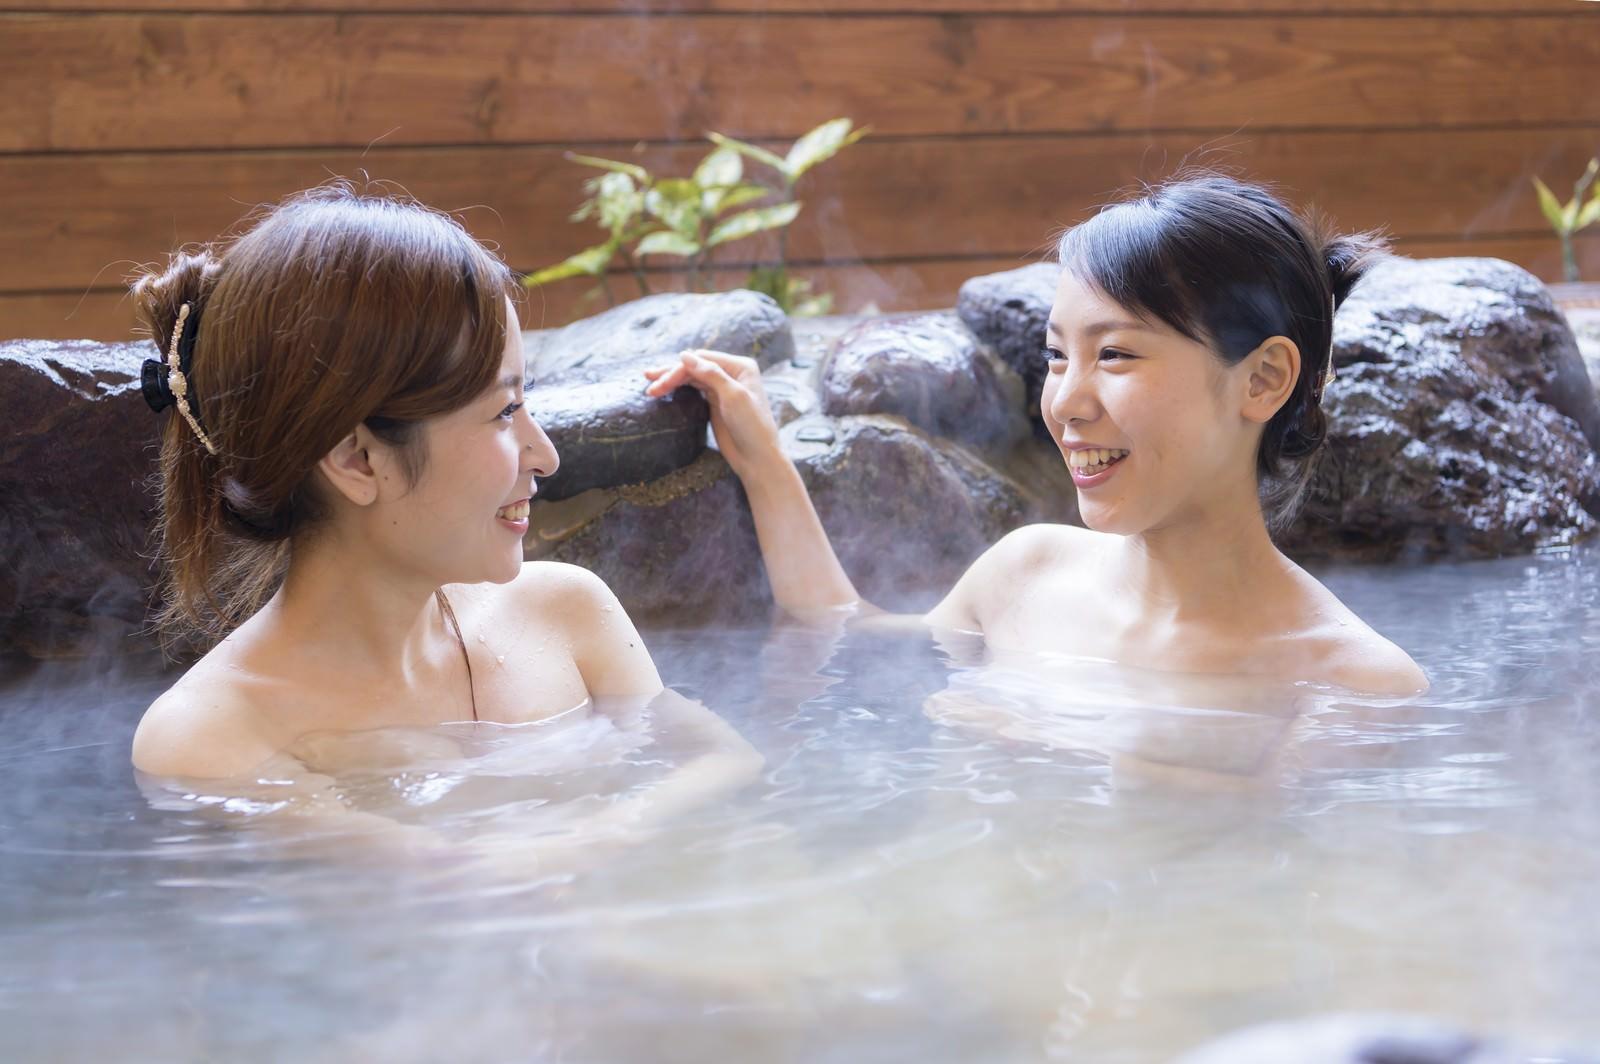 「女性ふたりで入浴する日南市北郷温泉 | 写真の無料素材・フリー素材 - ぱくたそ」の写真